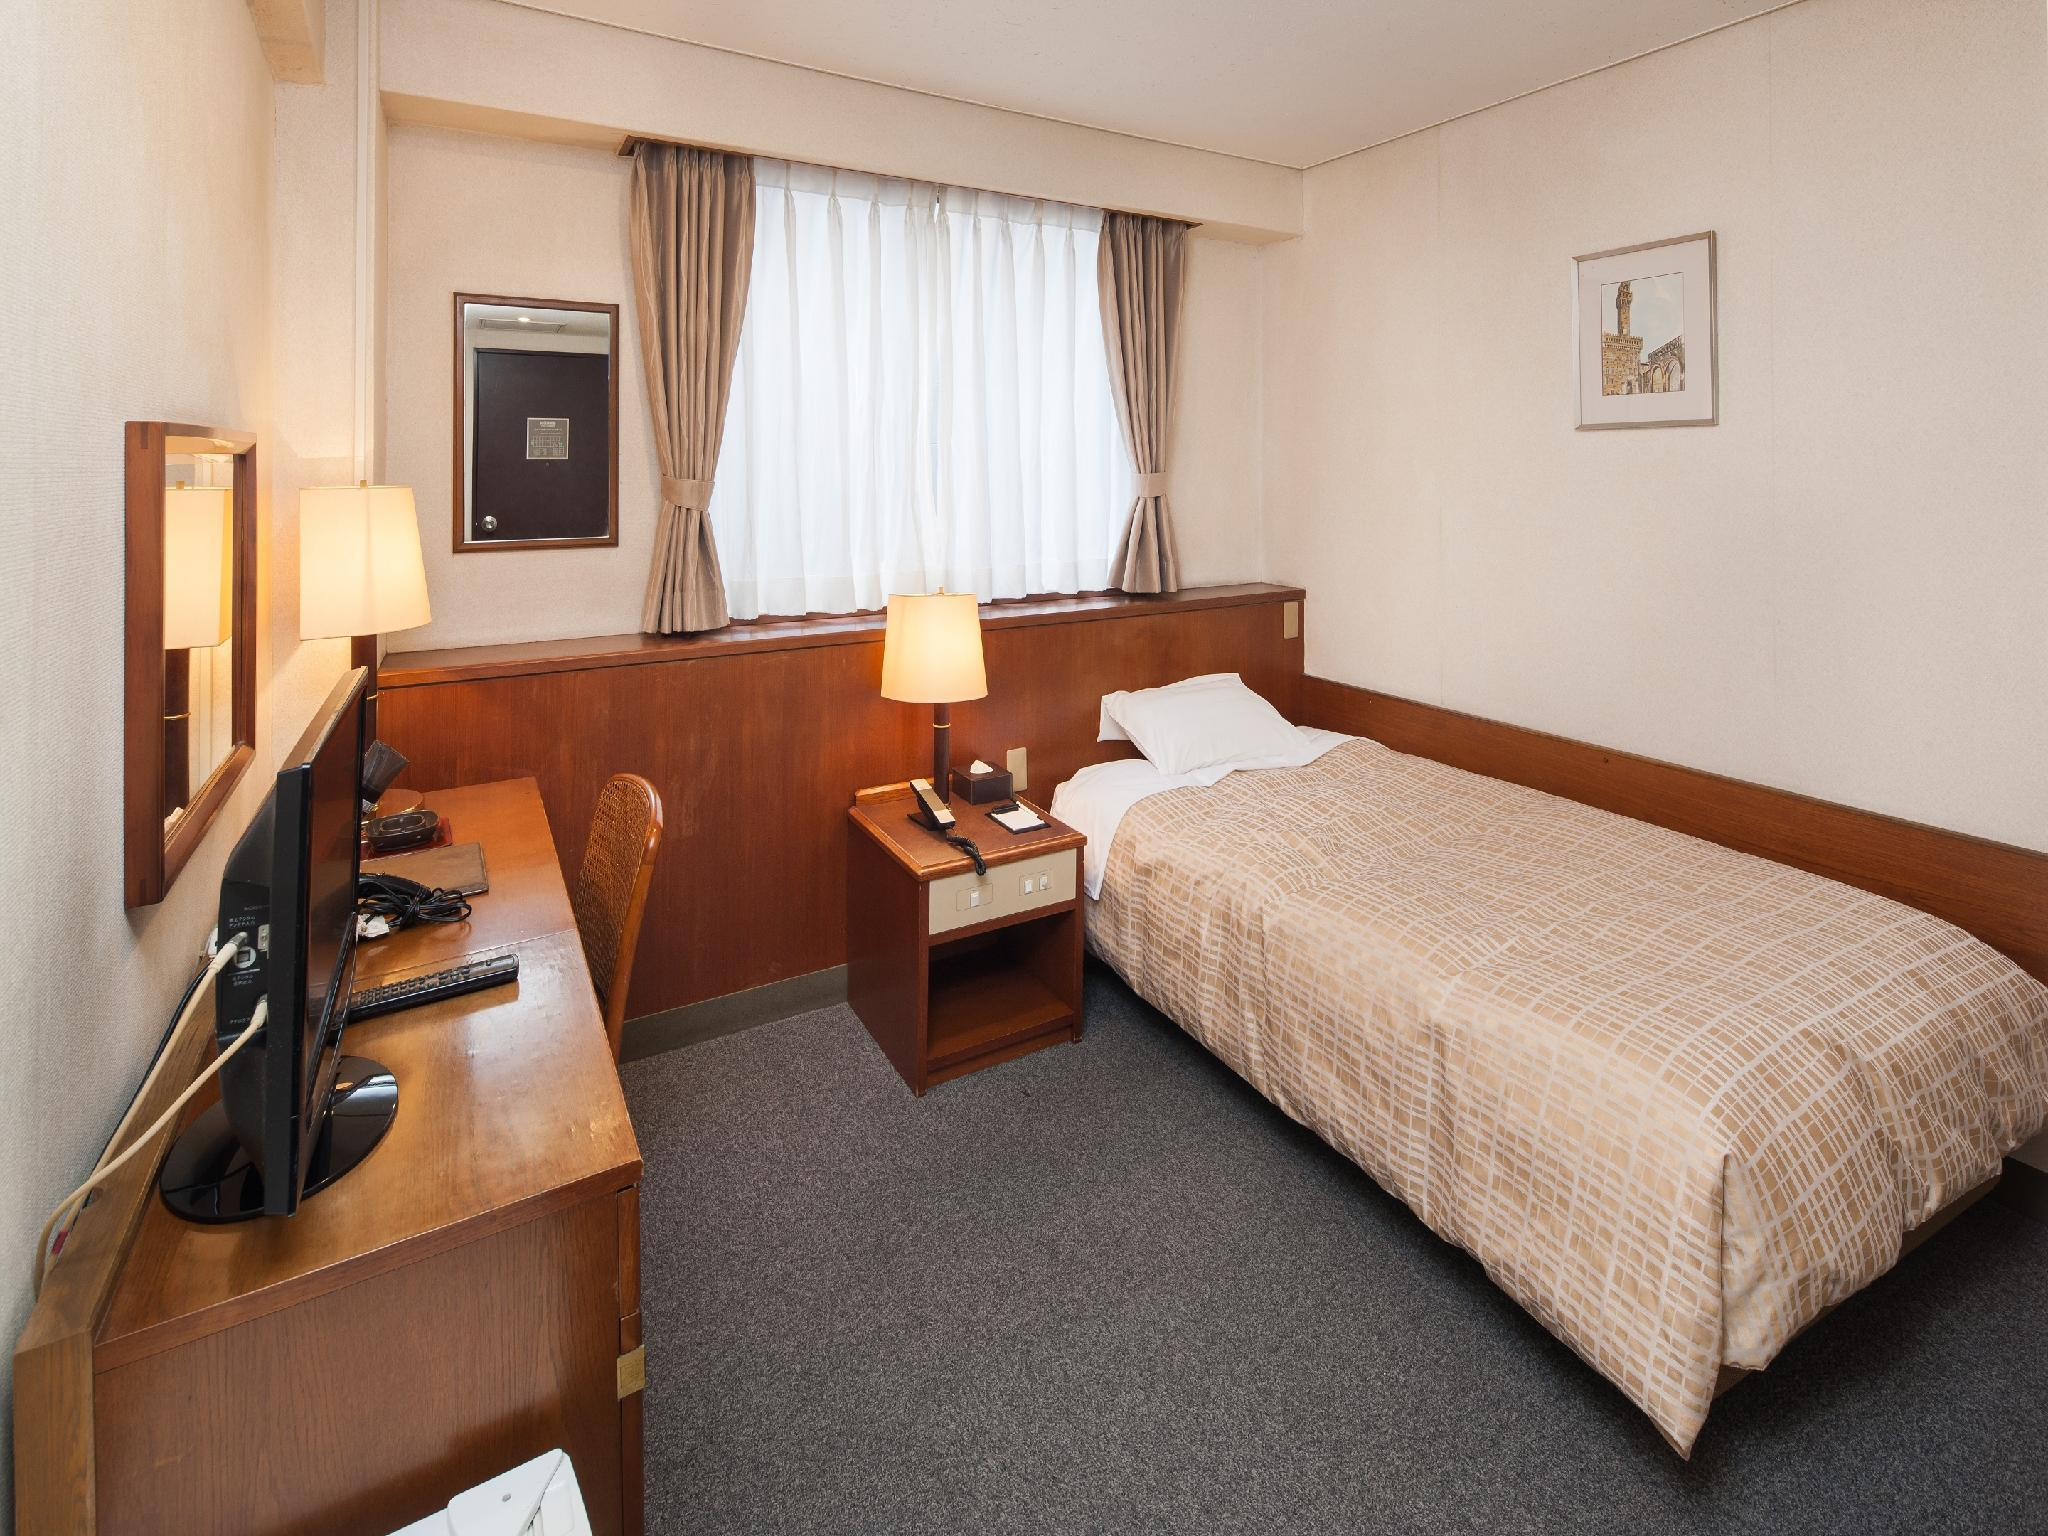 Reisenkaku Hotel Ekimae in Fukuoka - Room Deals, Photos